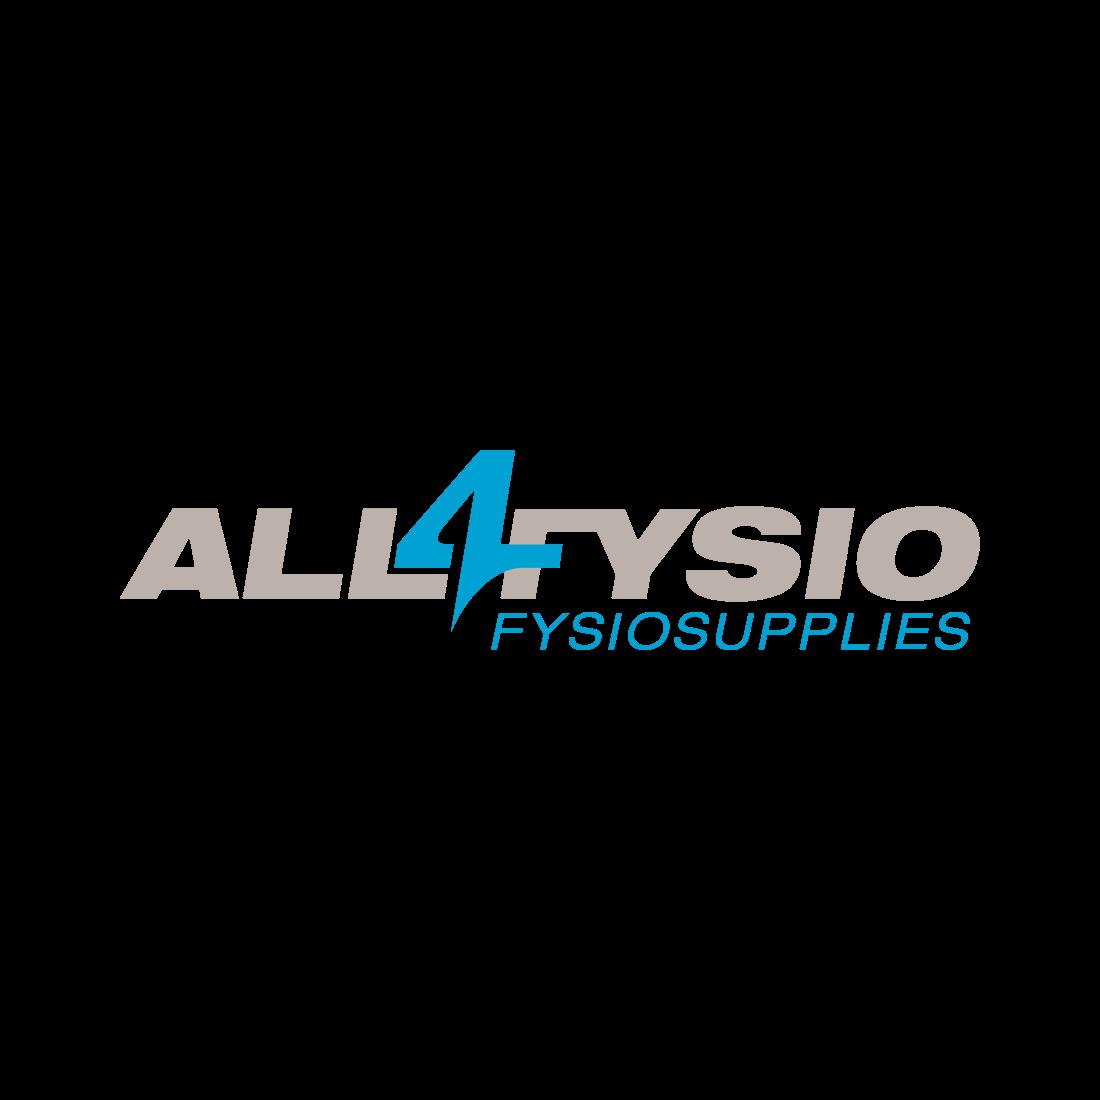 MyFit Elastische Knie Support / Kniebrace 742-4